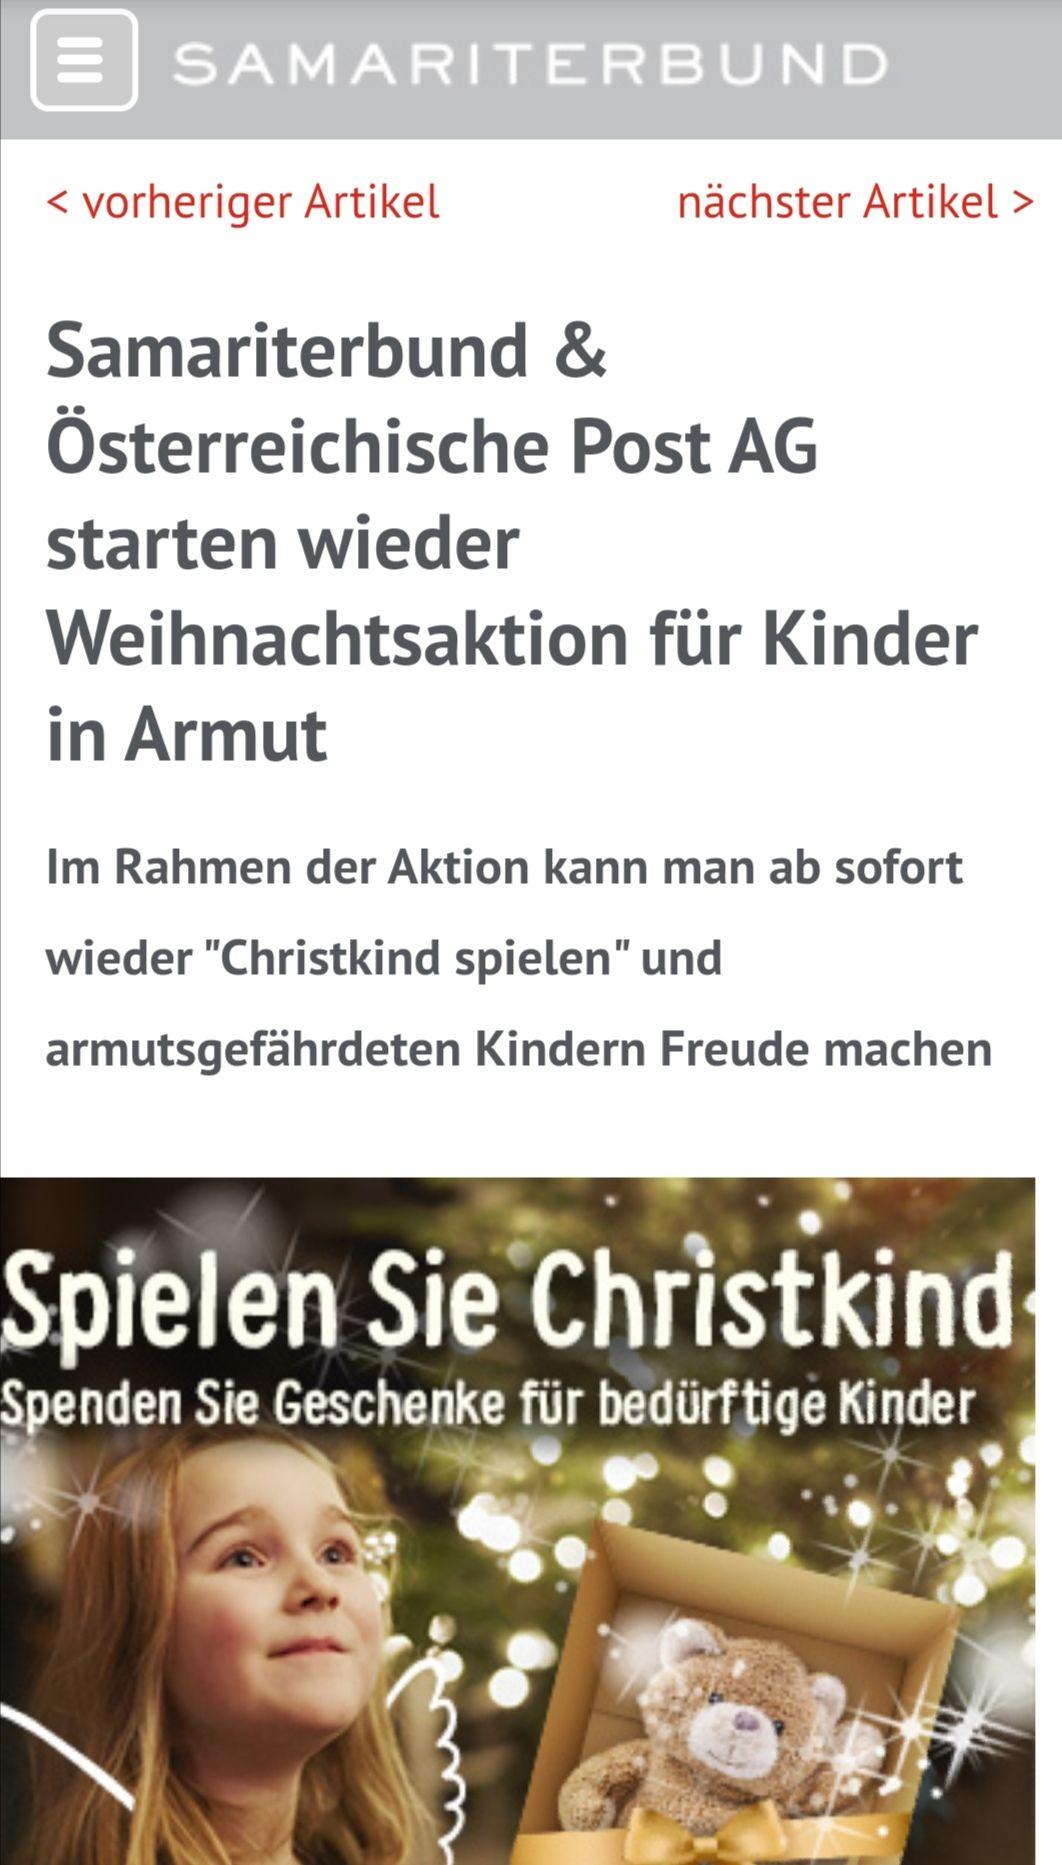 Info-Deal: Samariterbund Weihnachtsaktion!